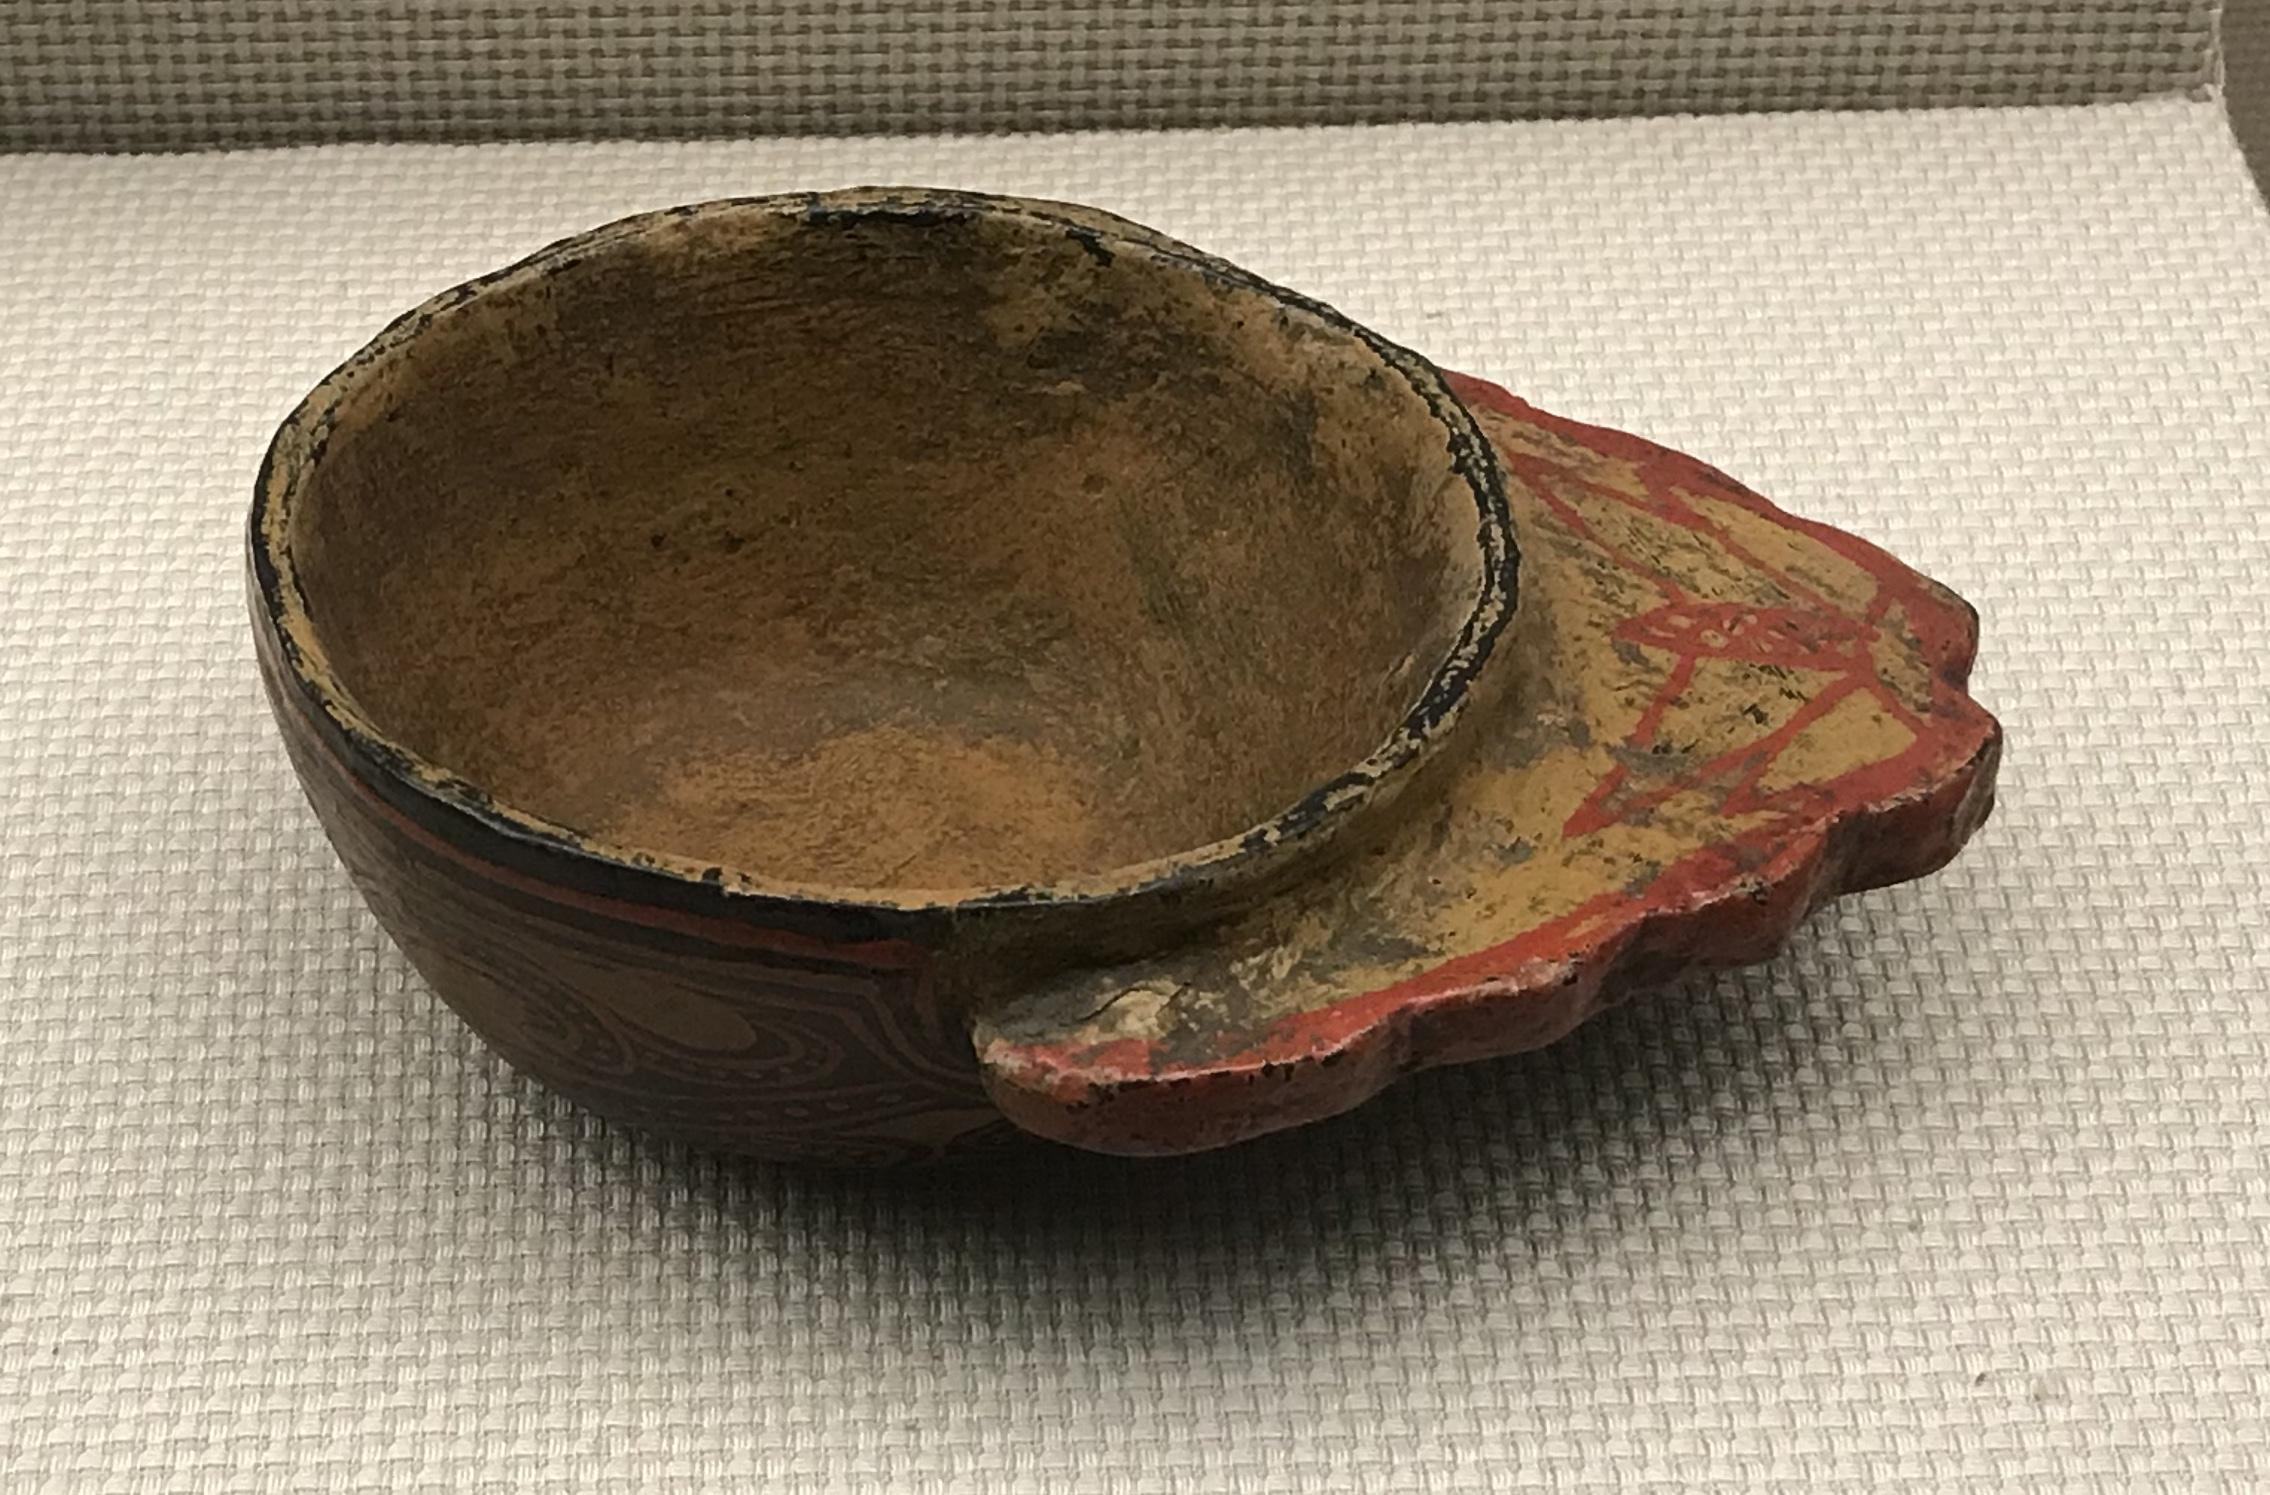 彩絵漆木鳥酒壺-彩絵鶏冠柄漆杯-彜族漆器-四川民族文物館-四川博物館-成都